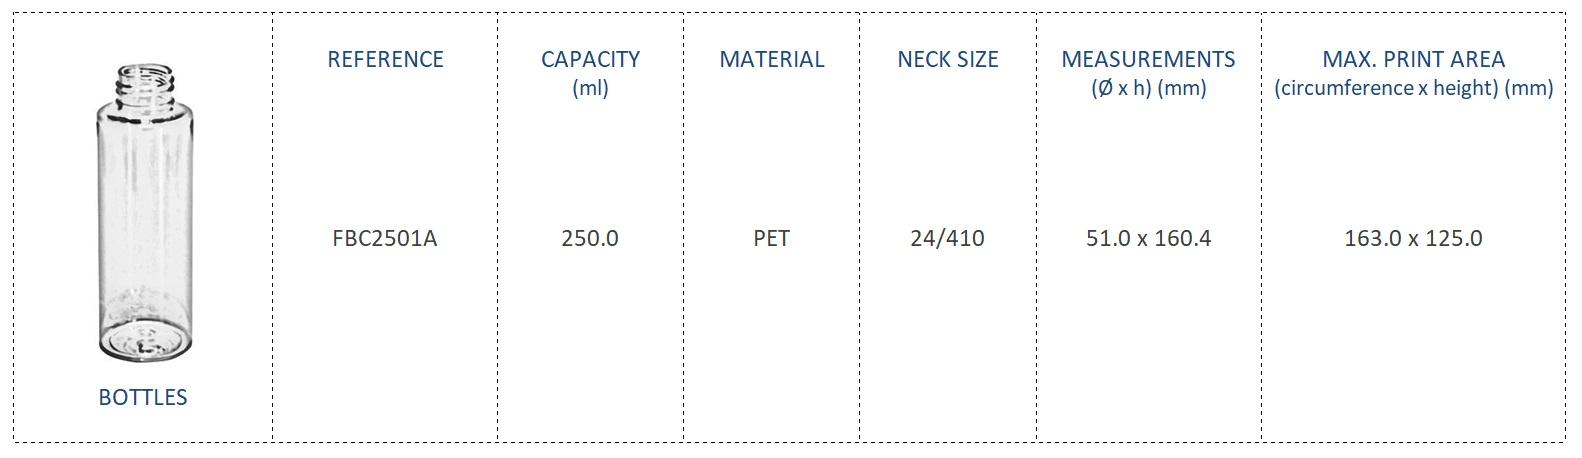 PET Bottle 250ml FBC2501A 24/410